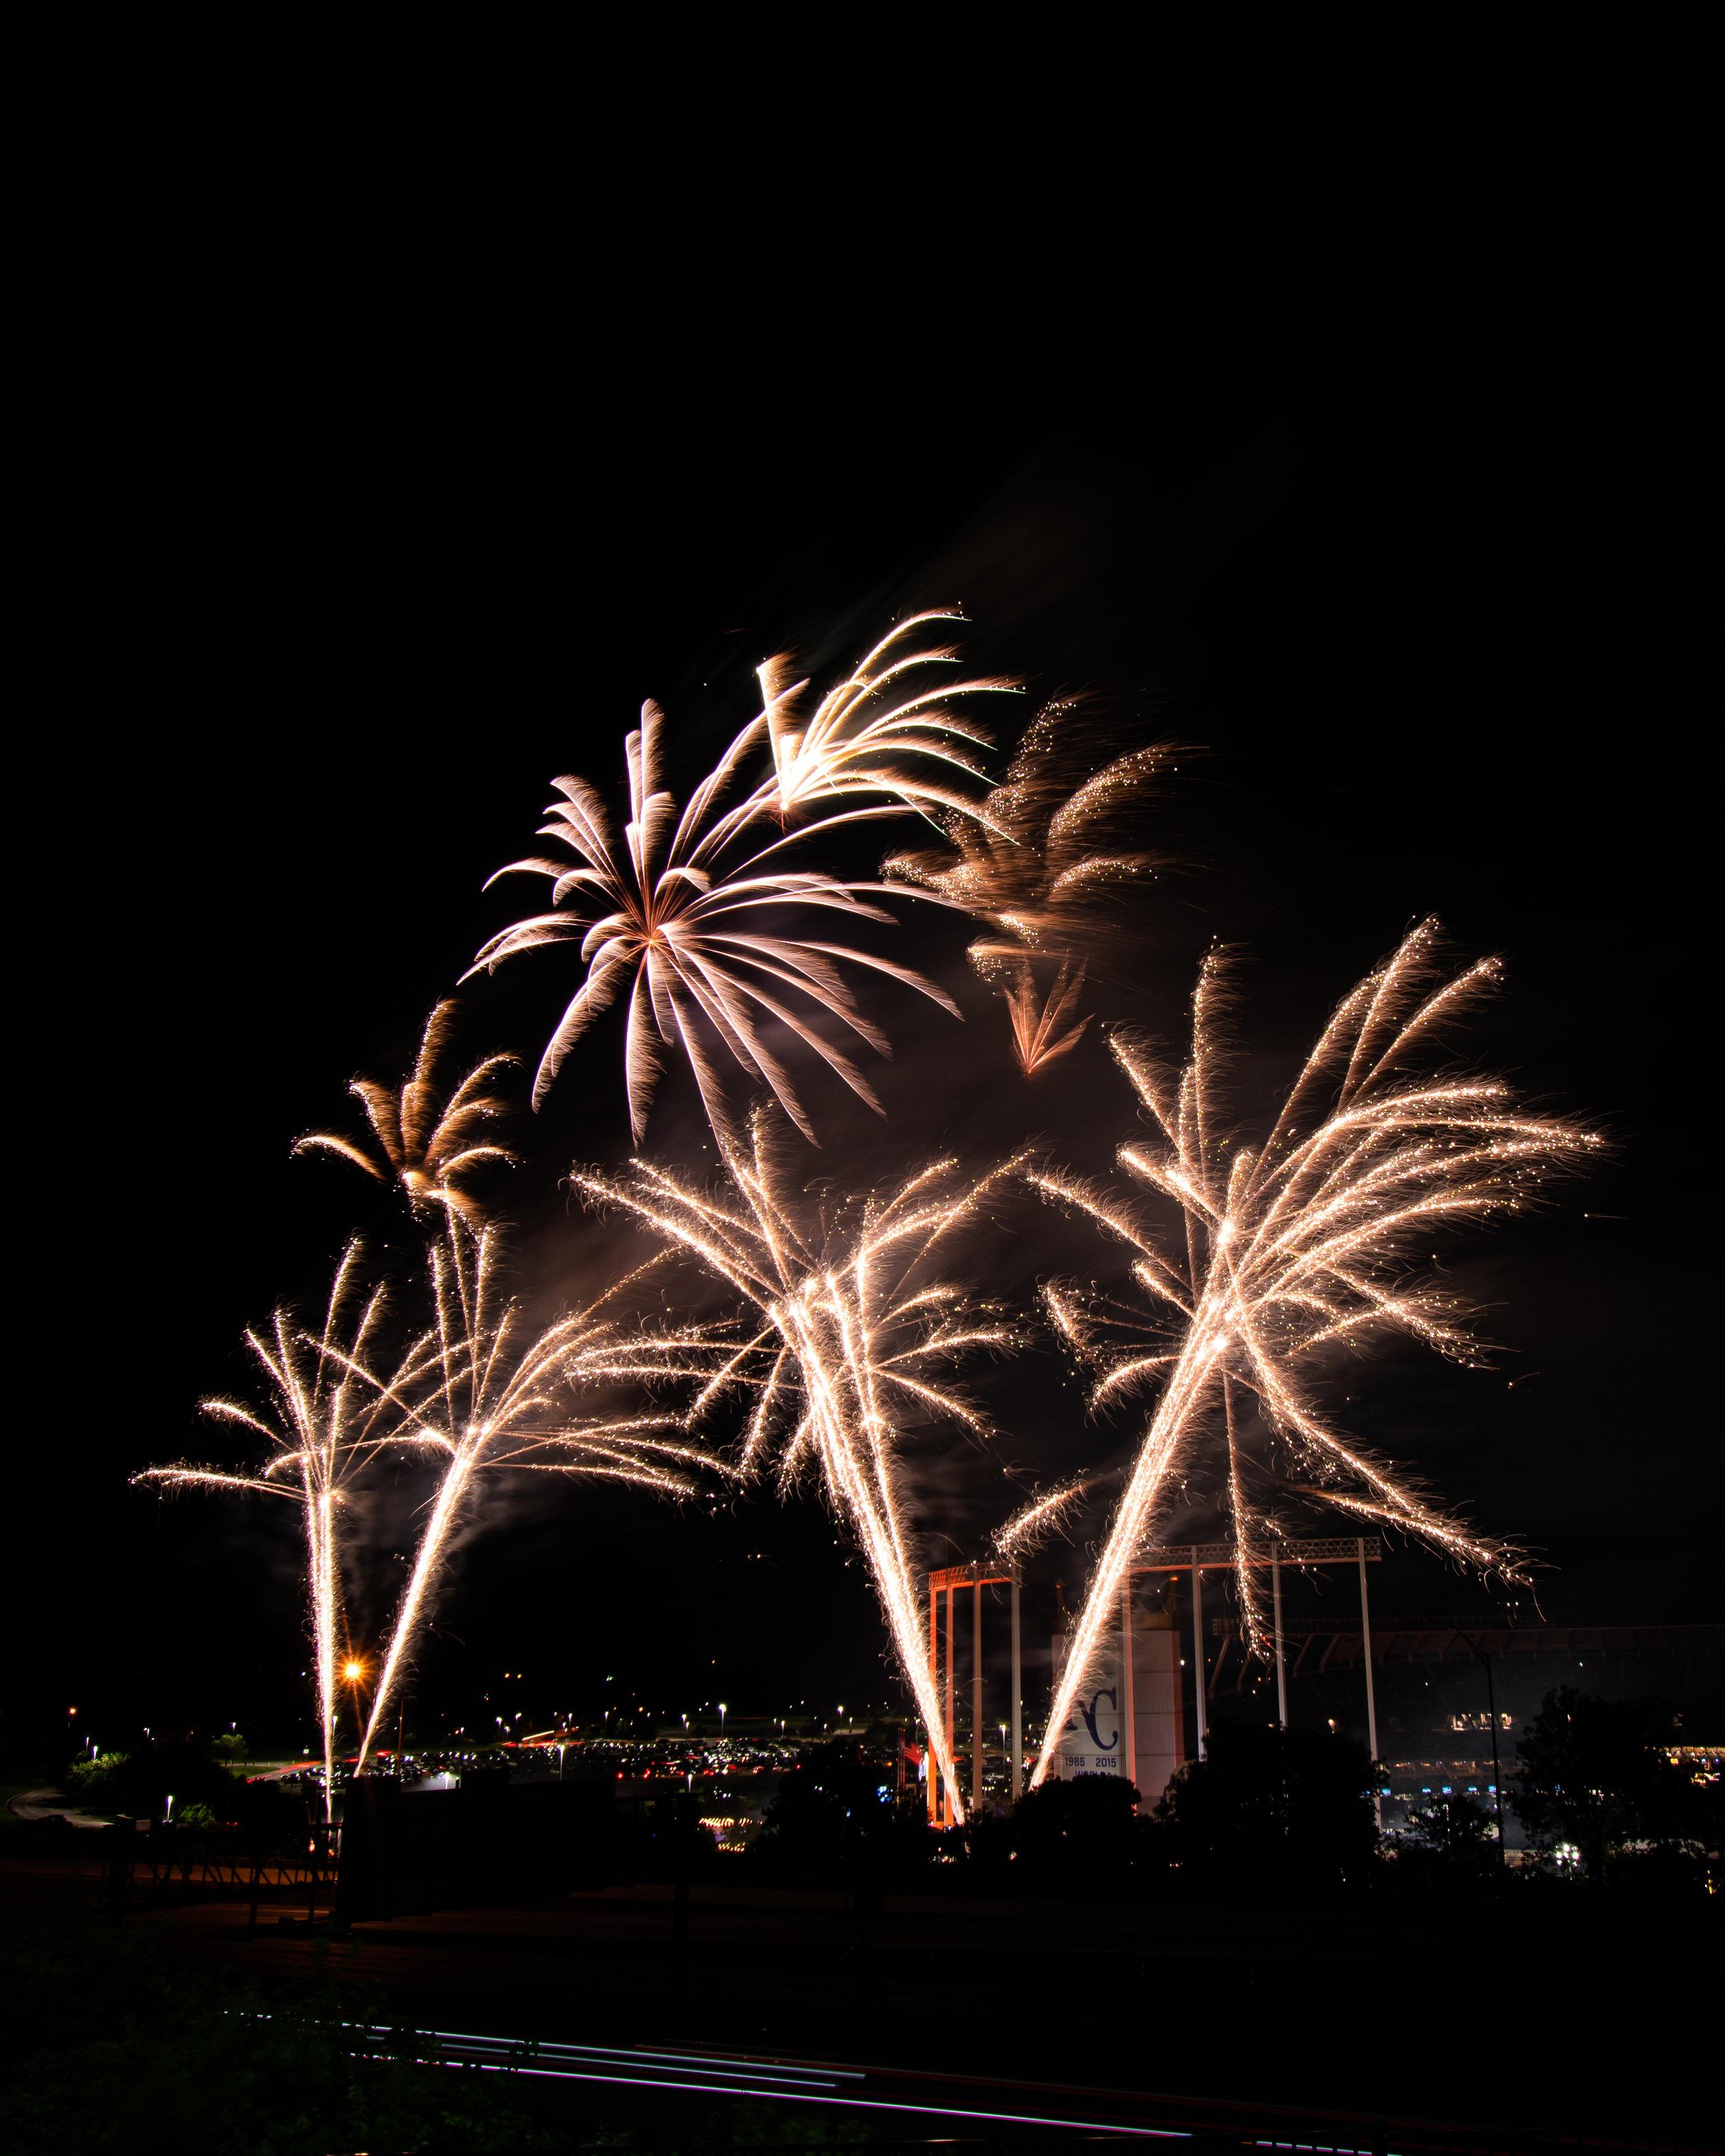 firework-friday-33-of-51_48108386962_o.jpg